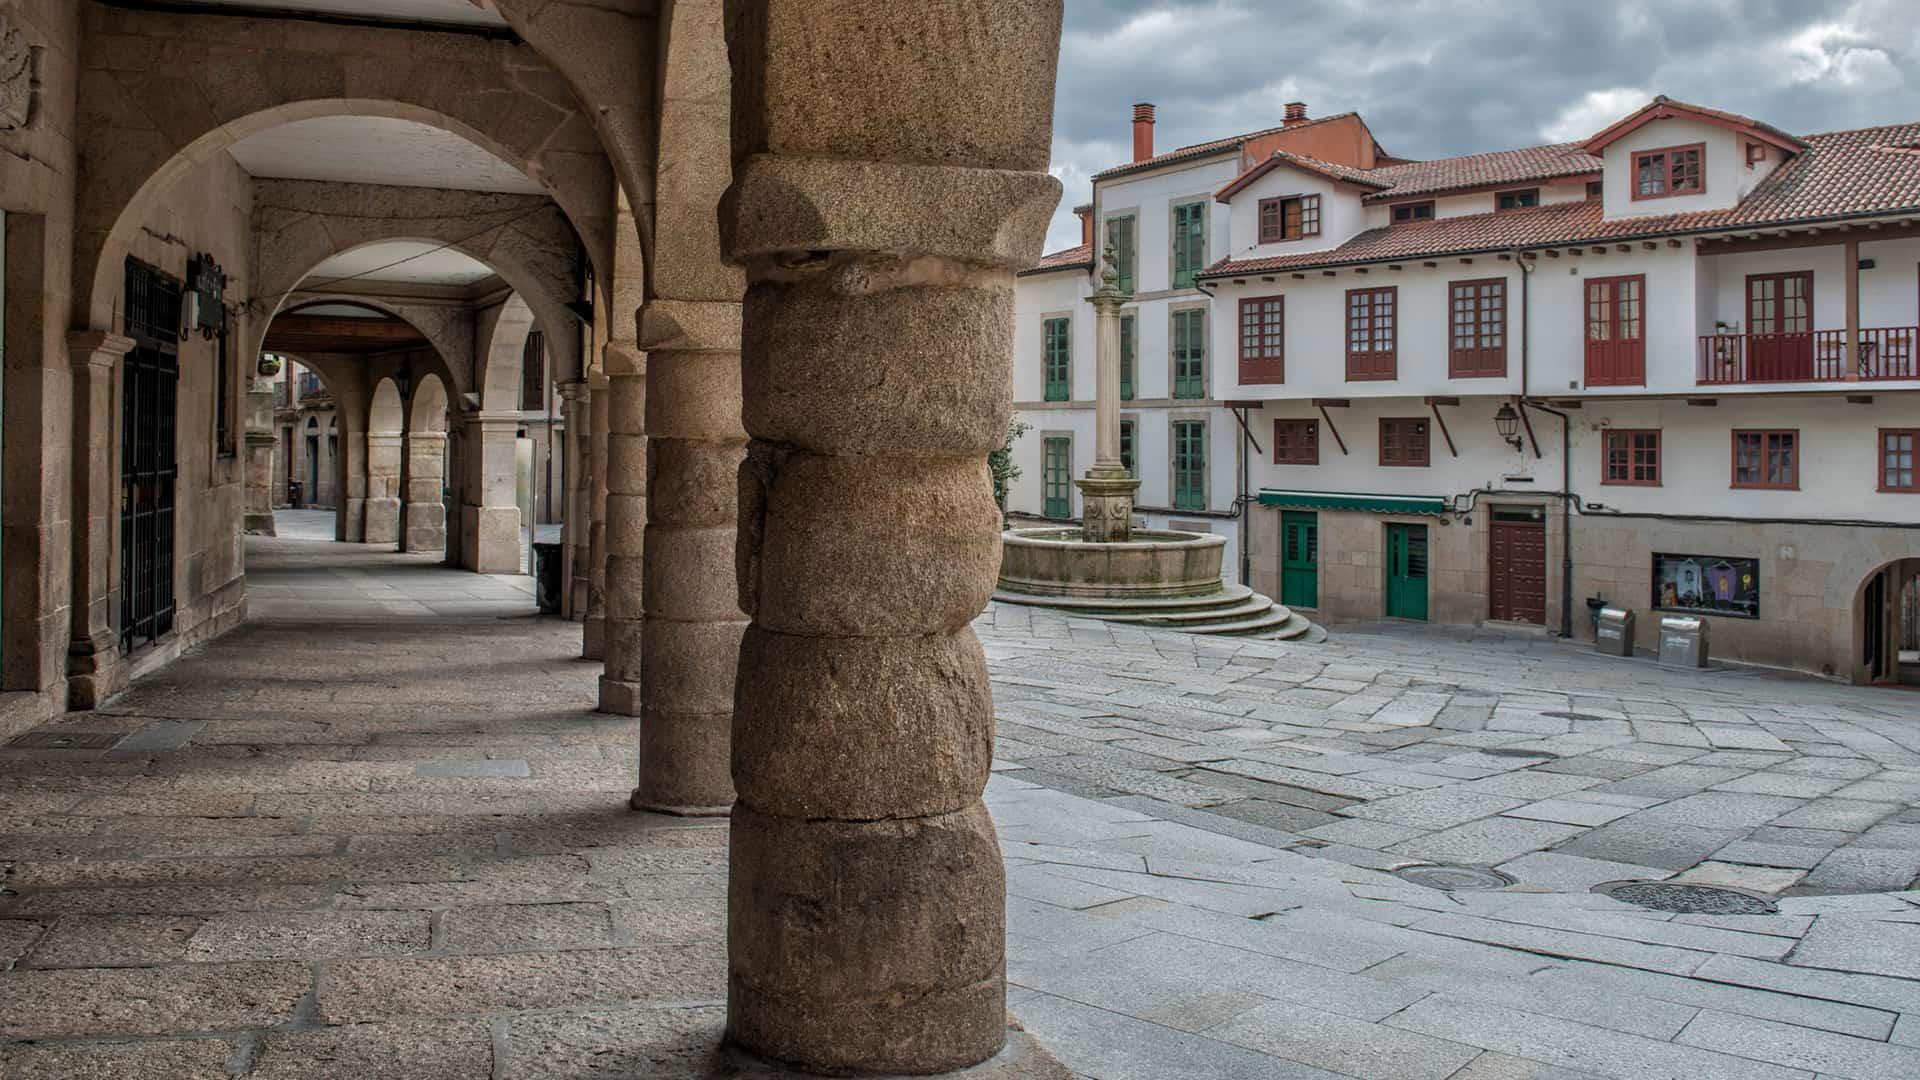 Vodafone Ourense: ¿qué tiendas y cobertura 5G hay?